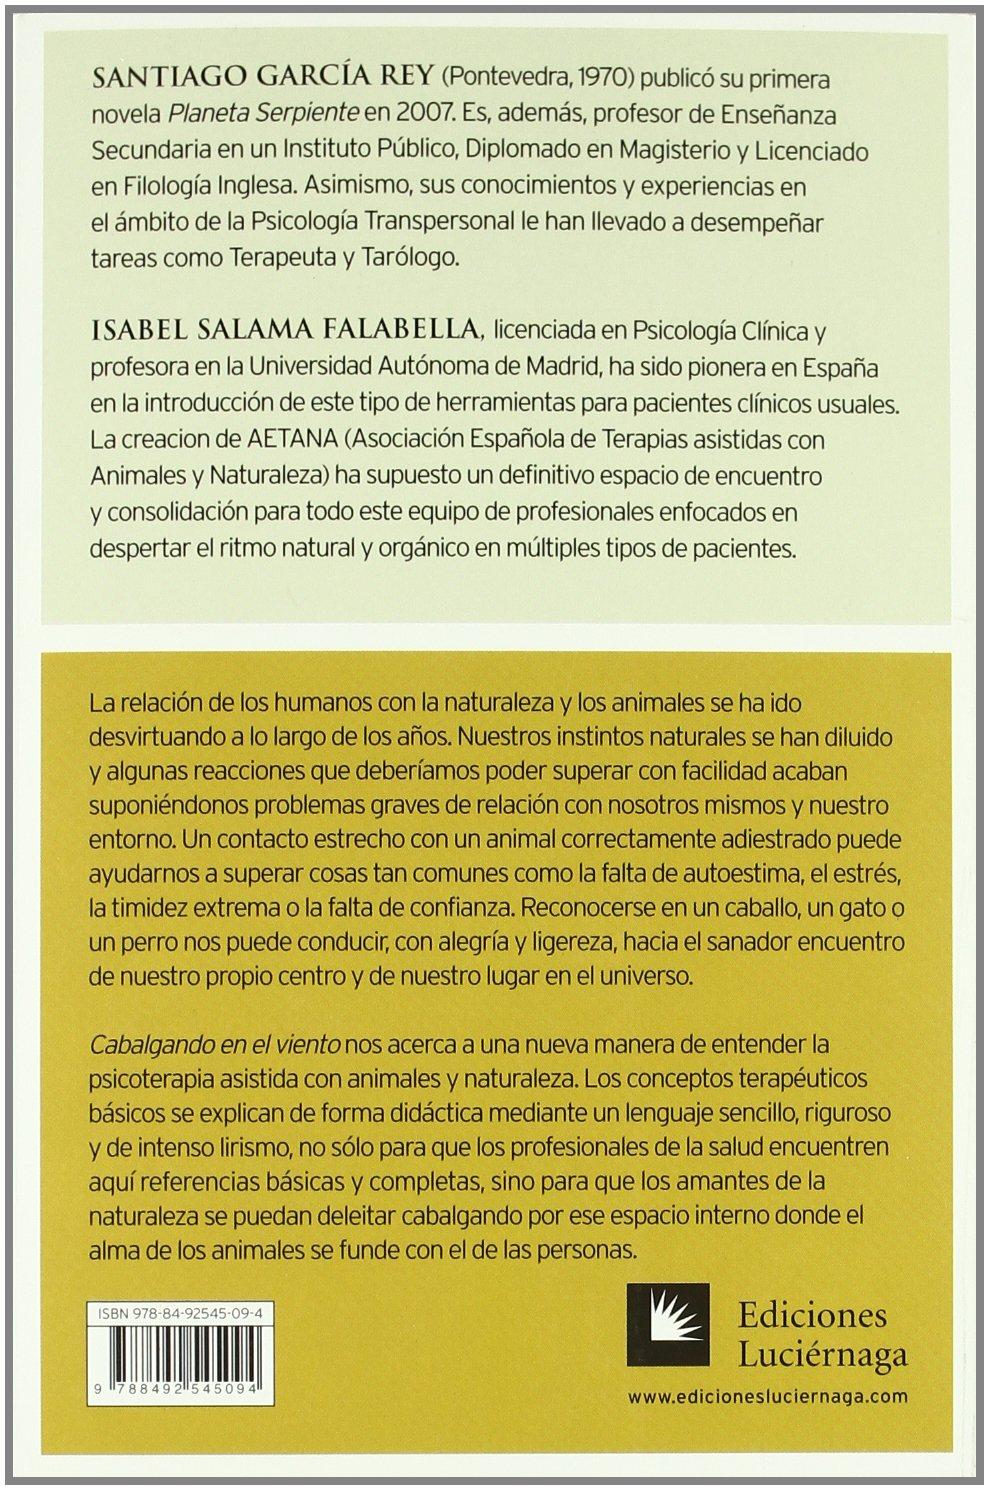 Cabalgando en el viento: La ciencia-arte de la psicoterapia asistida con animales y naturaleza PREVENIR Y SANAR: Amazon.es: Garcia Rey Santiago: Libros